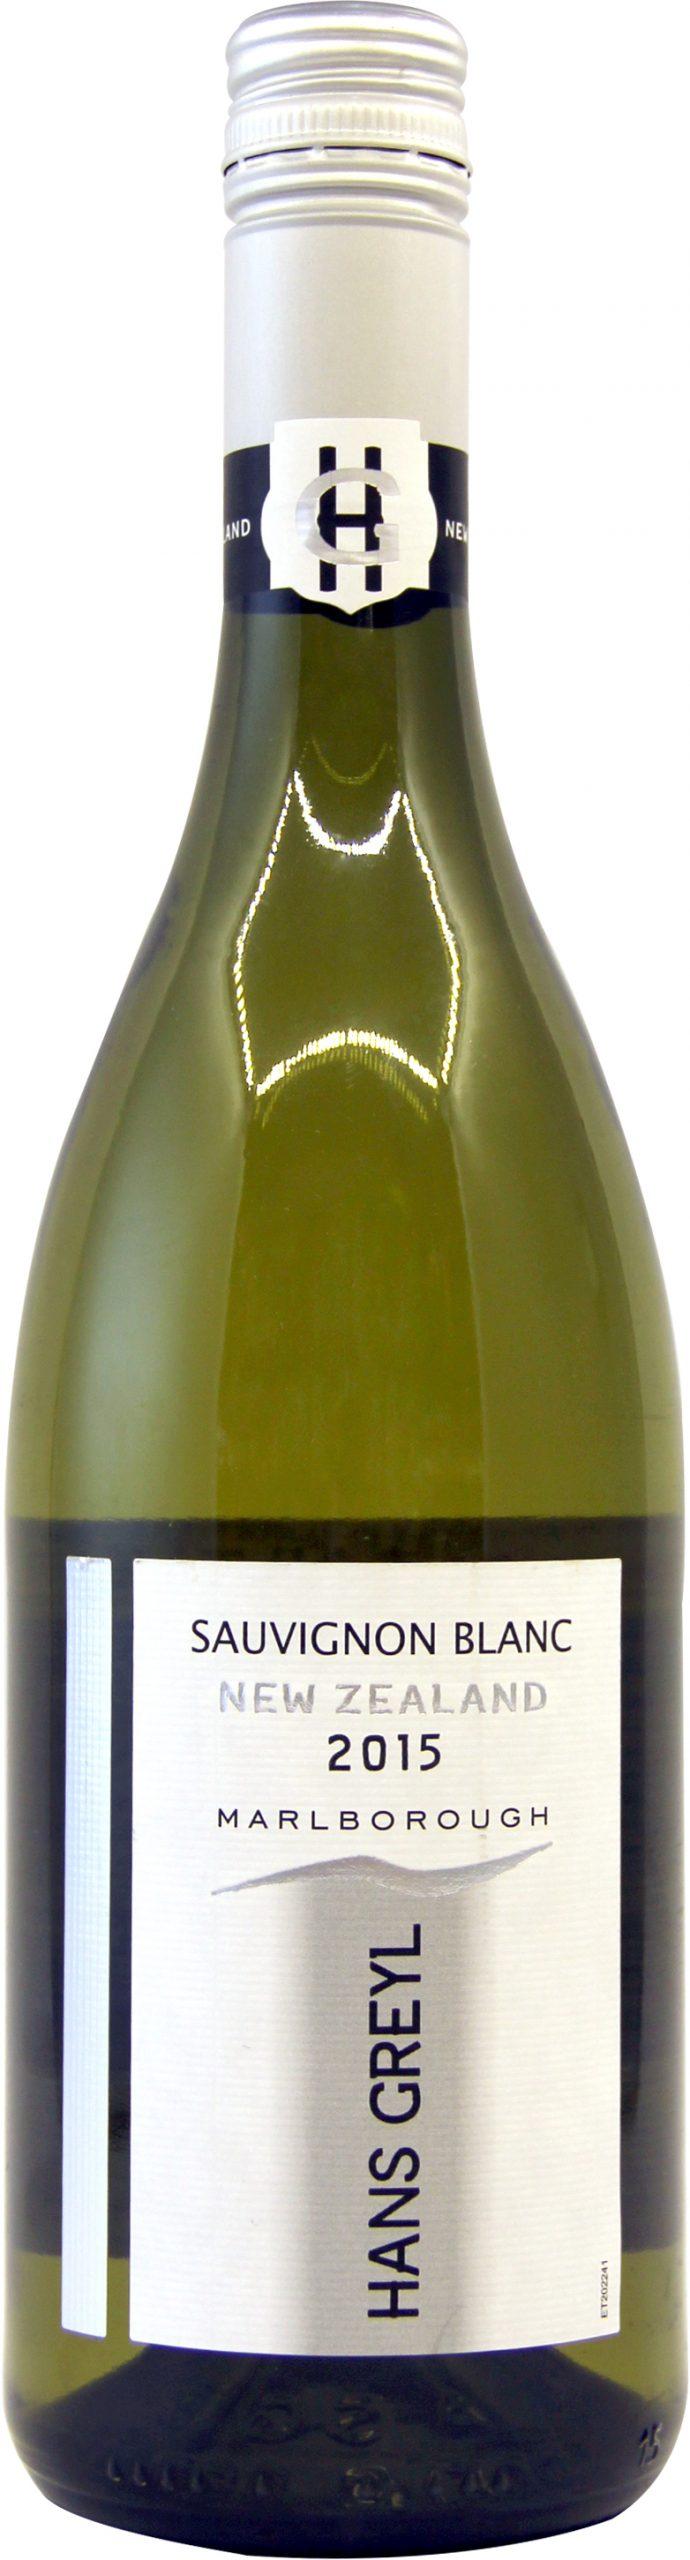 汉斯长相思干白葡萄酒